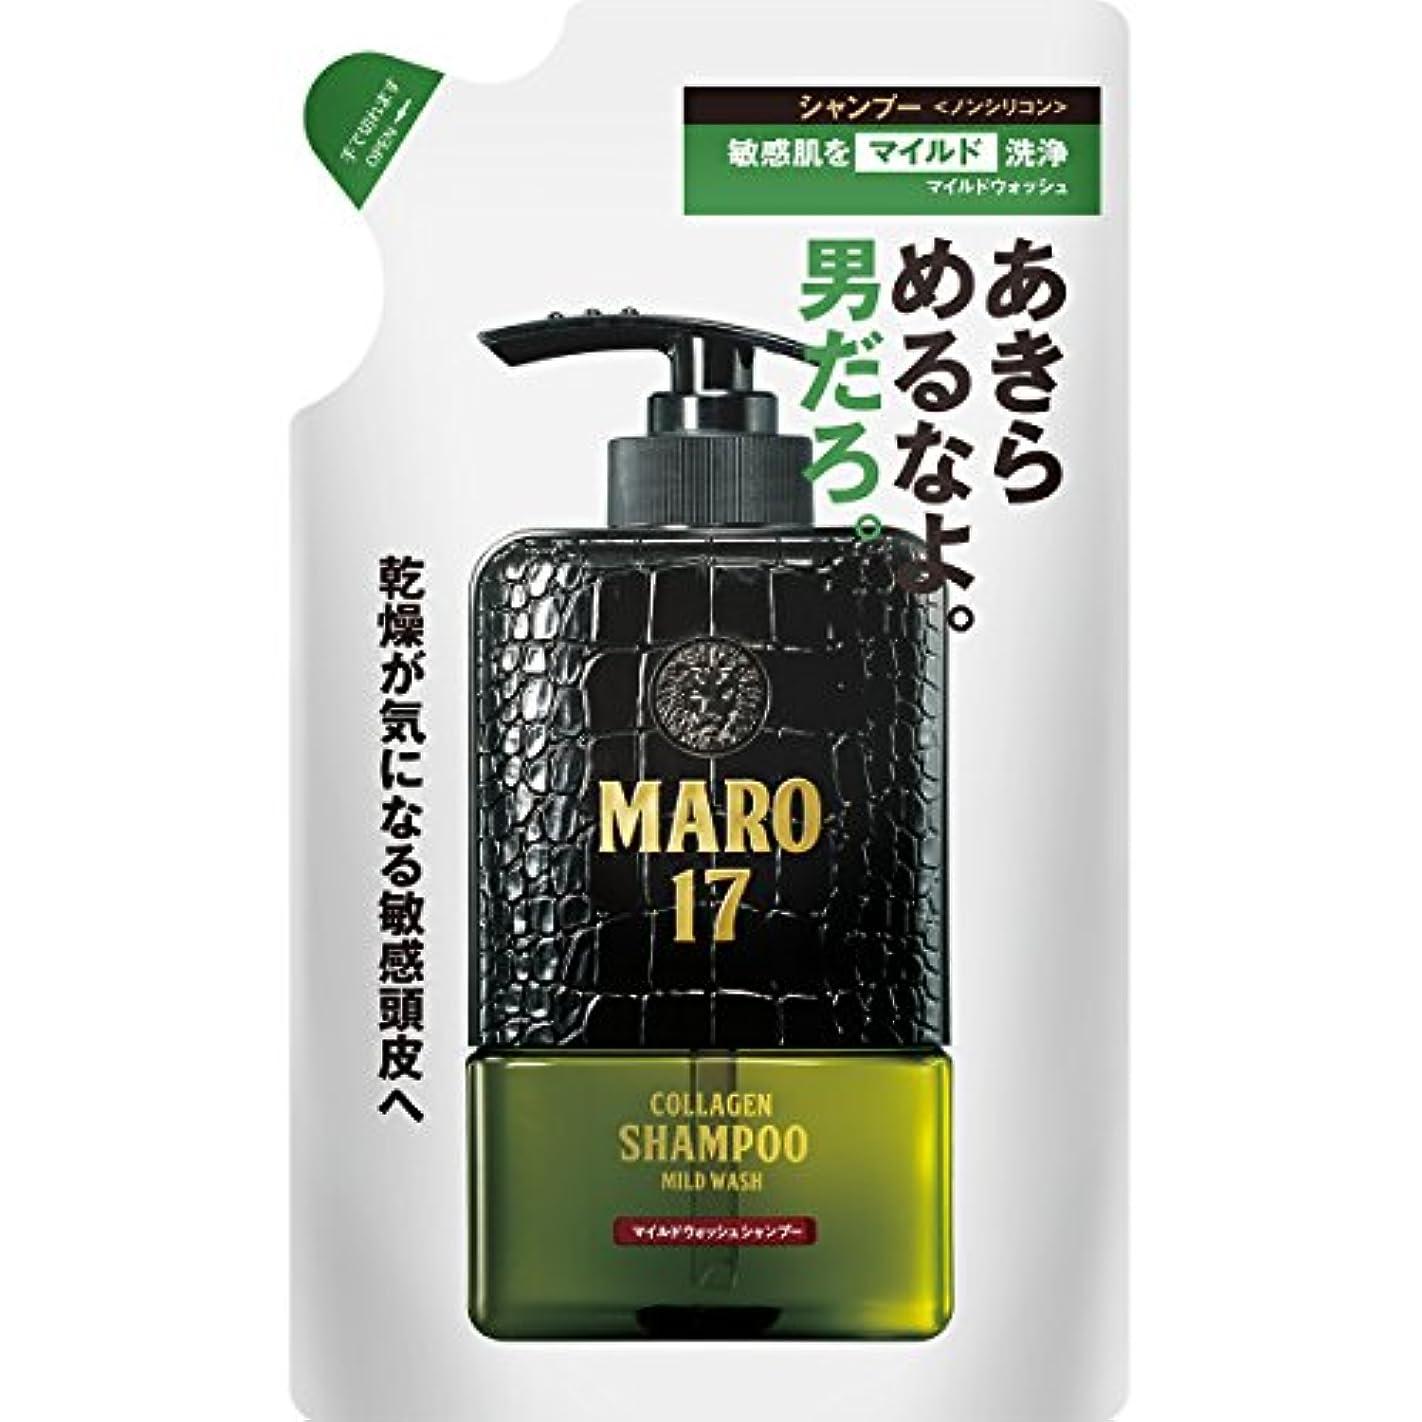 価値スキニー発表MARO17 マイルドウォッシュ シャンプー 詰め替え 300ml